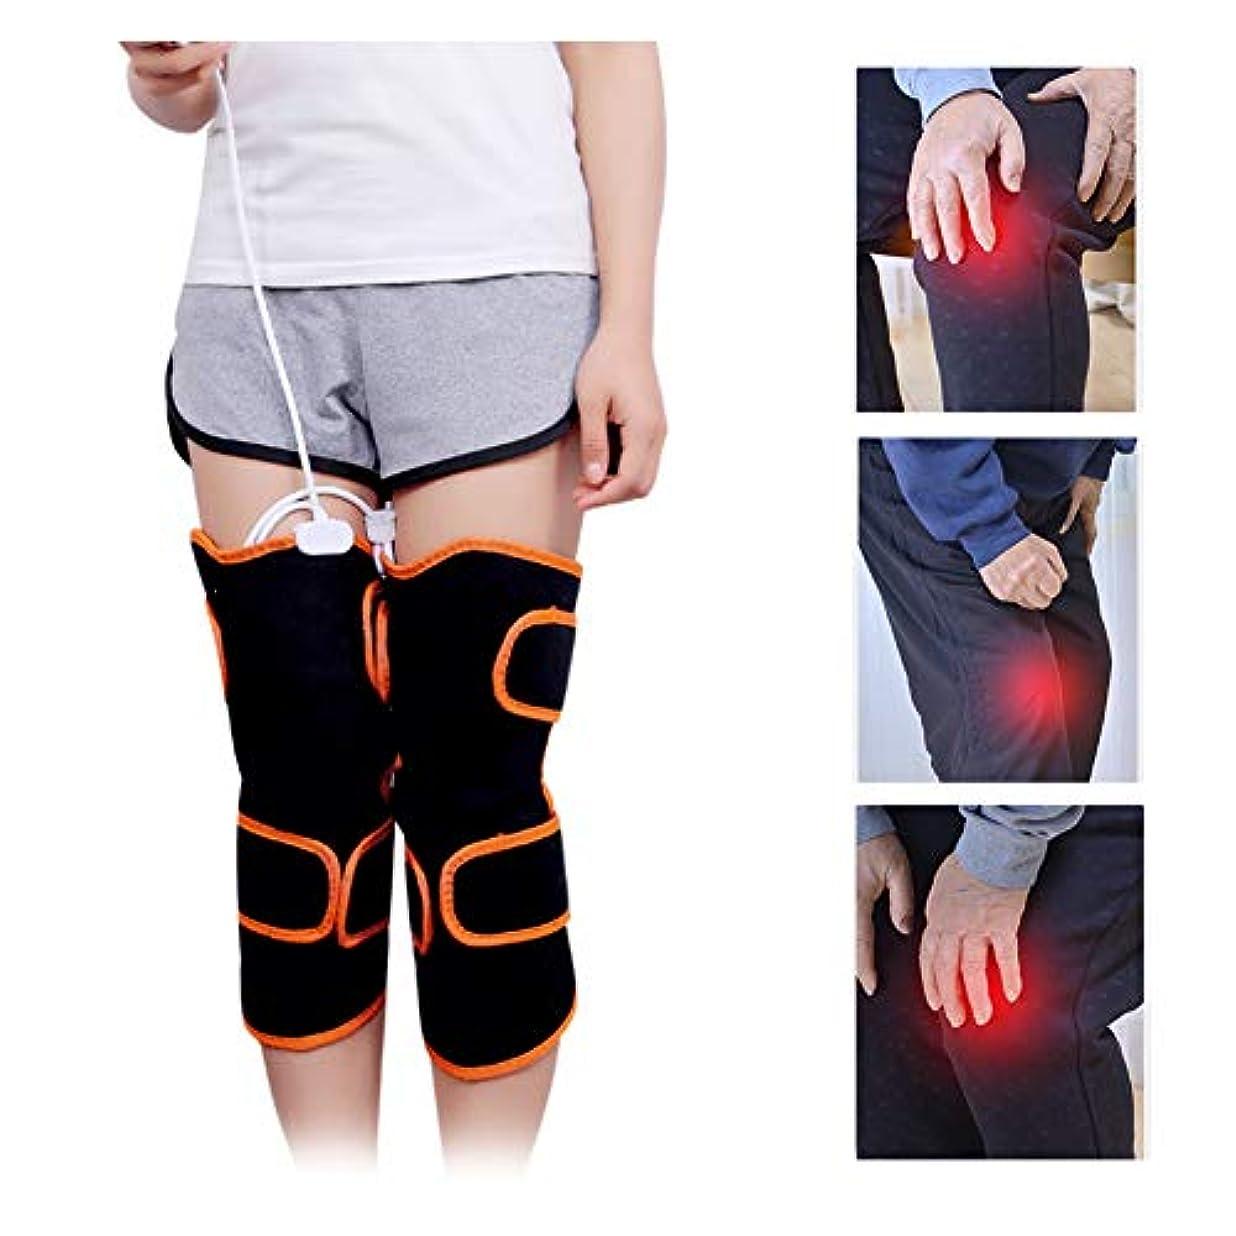 貼り直す先駆者お風呂9種類のマッサージモードと5種類の速度の膝温熱パッド付き加熱膝装具-膝の怪我、痛みを軽減するセラピーラップマッサージャー